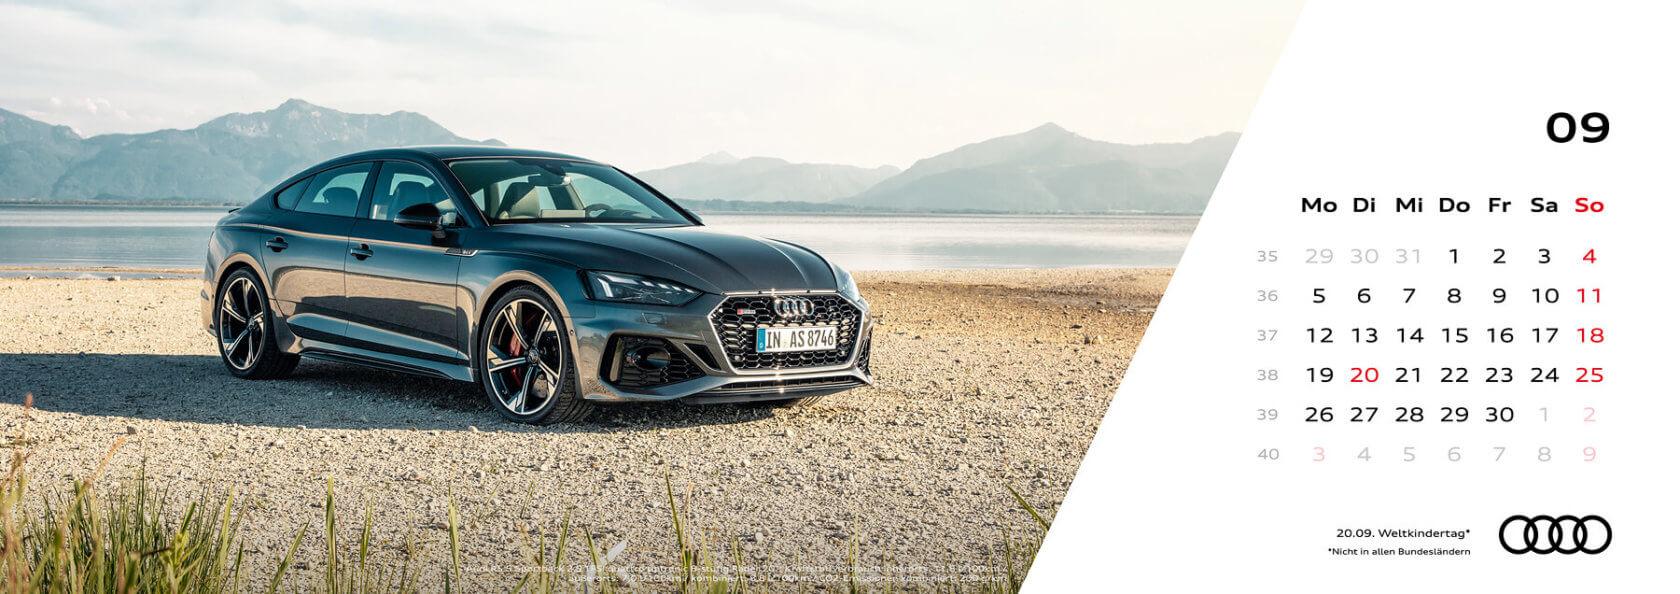 Audi Tischkalender 2022 - September